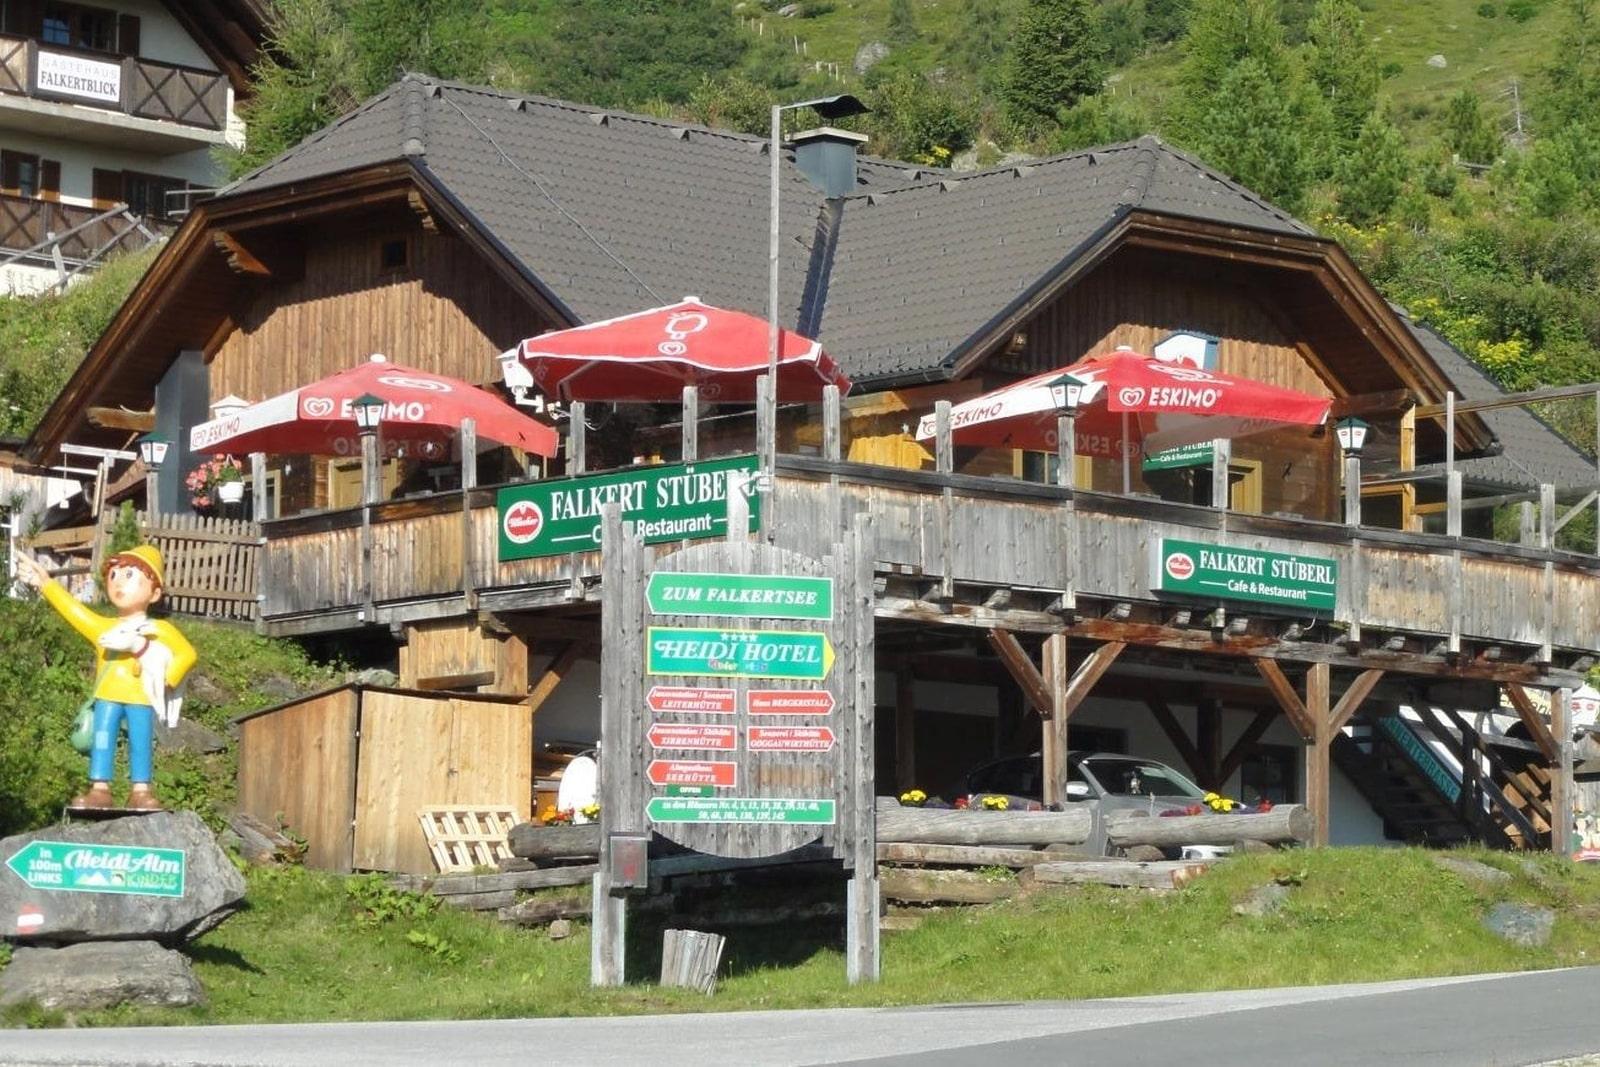 Heidi-Chalet-Falkert-Heidialm-Restaurant-Falkert-Stueberl-Sommer